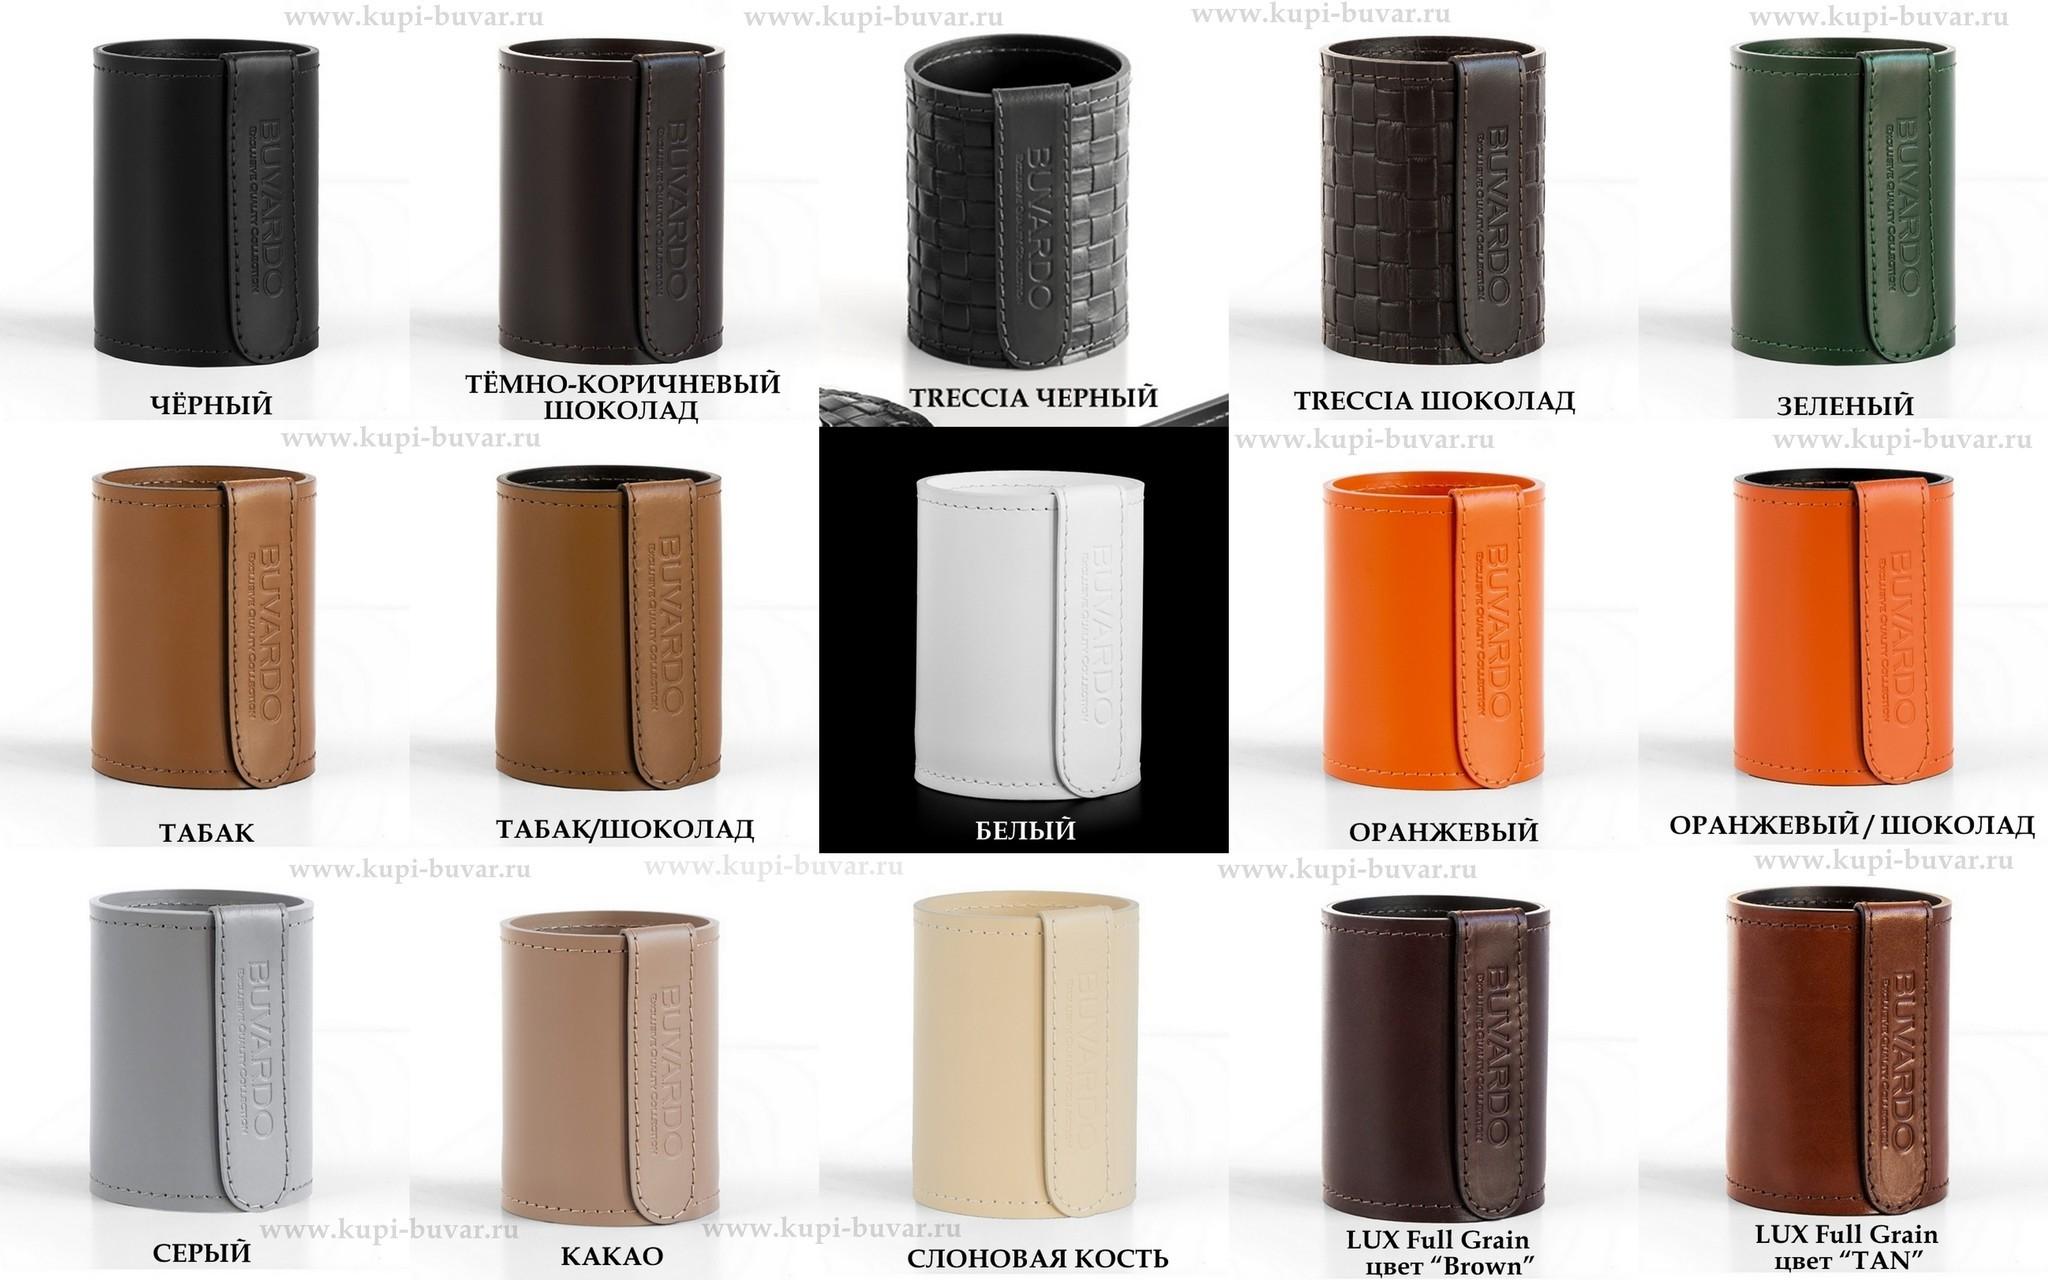 Варианты цвета кожи Cuoietto для набора 1352-СТ 8 предметов.